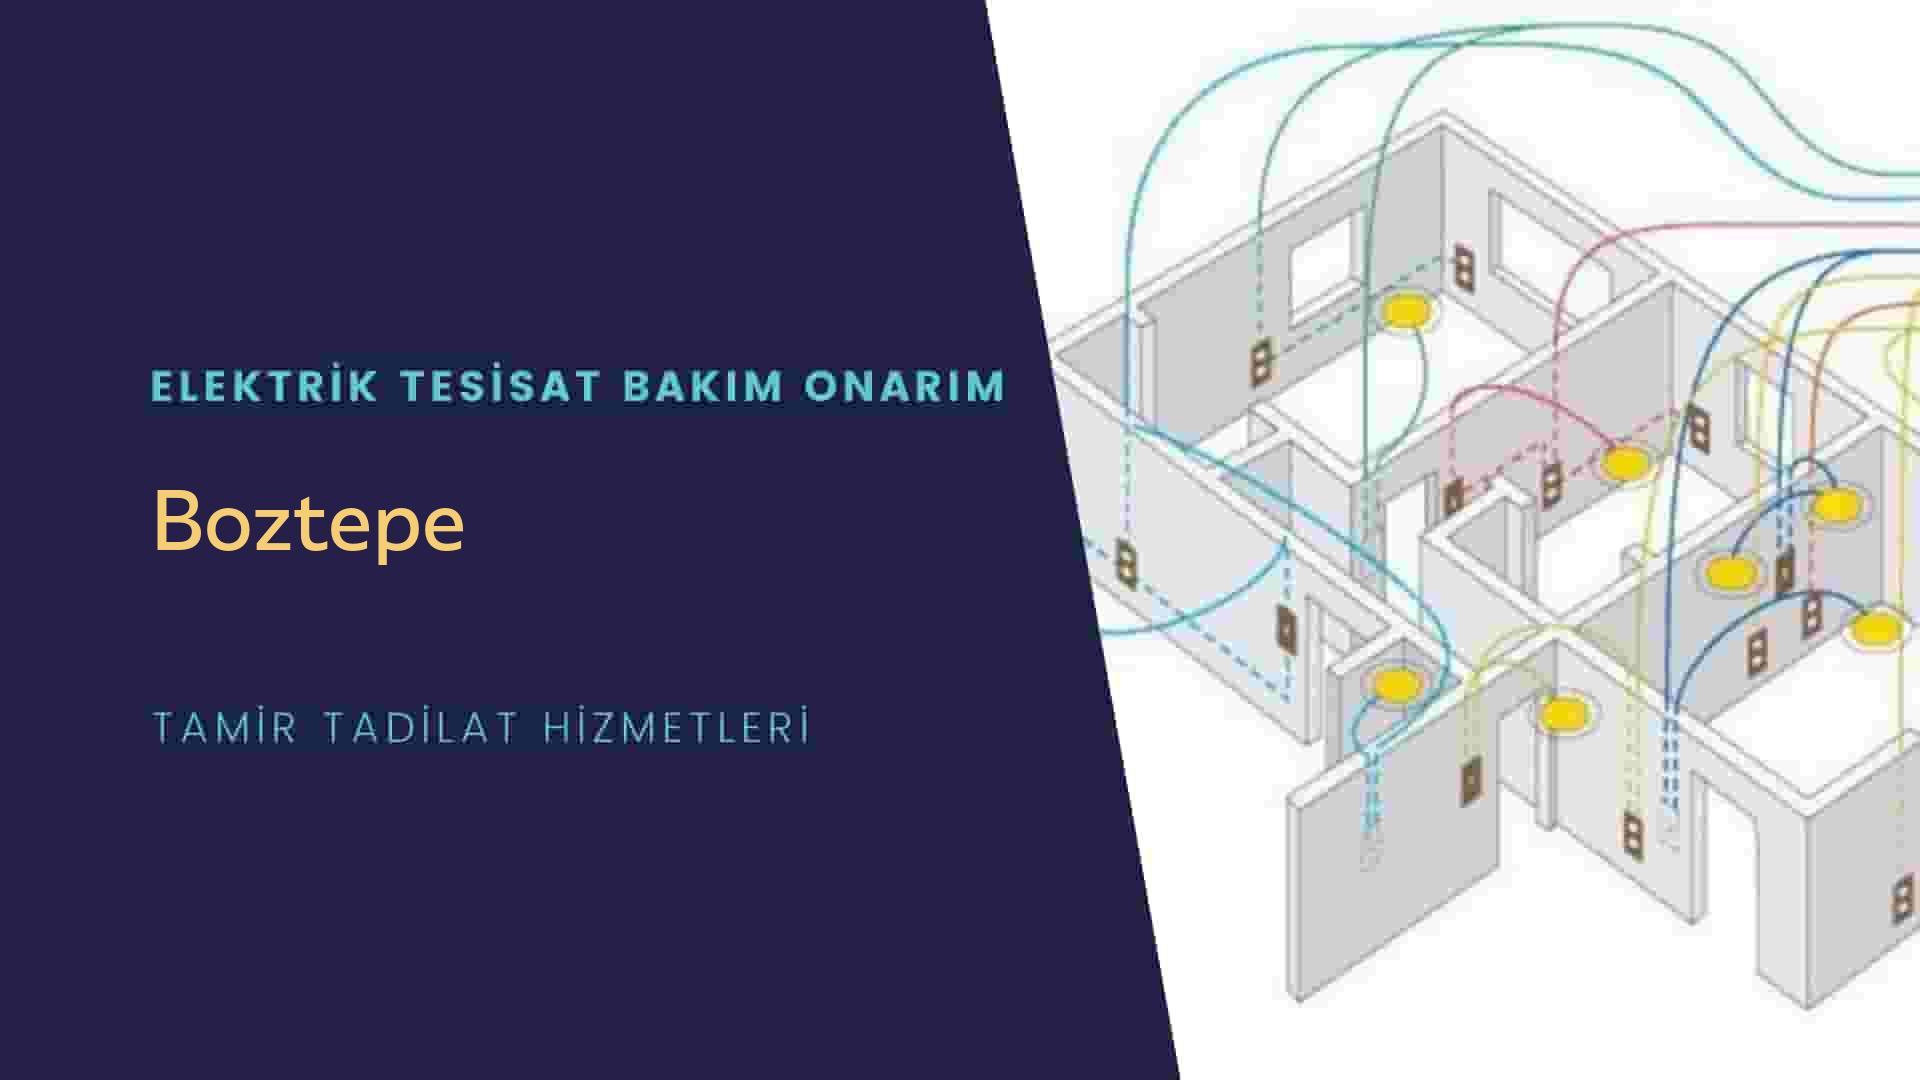 Boztepe'de elektrik tesisatıustalarımı arıyorsunuz doğru adrestenizi Boztepe elektrik tesisatı ustalarımız 7/24 sizlere hizmet vermekten mutluluk duyar.